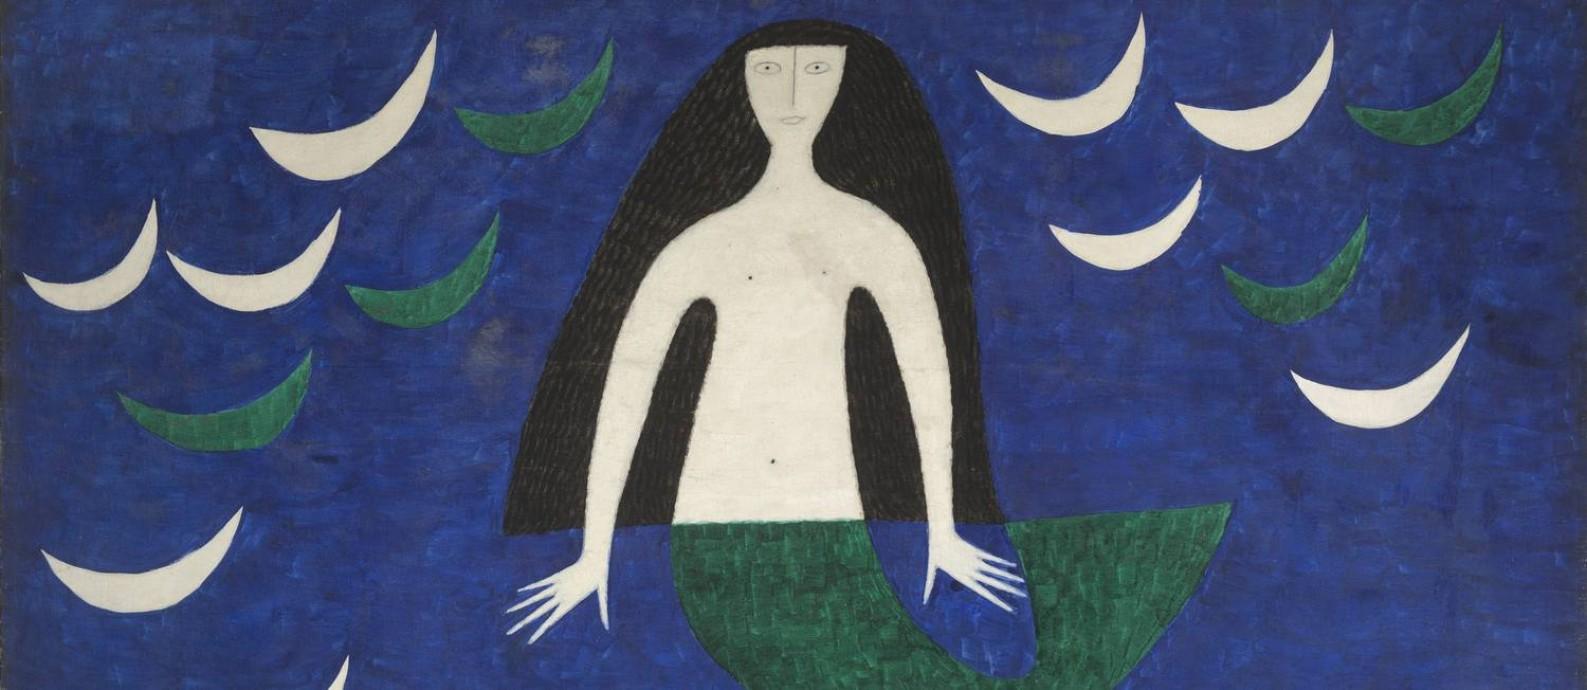 """Obra sem título, de 1962, na mostra """"A poética da cor"""": até 20 de maio Foto: Divulgação"""